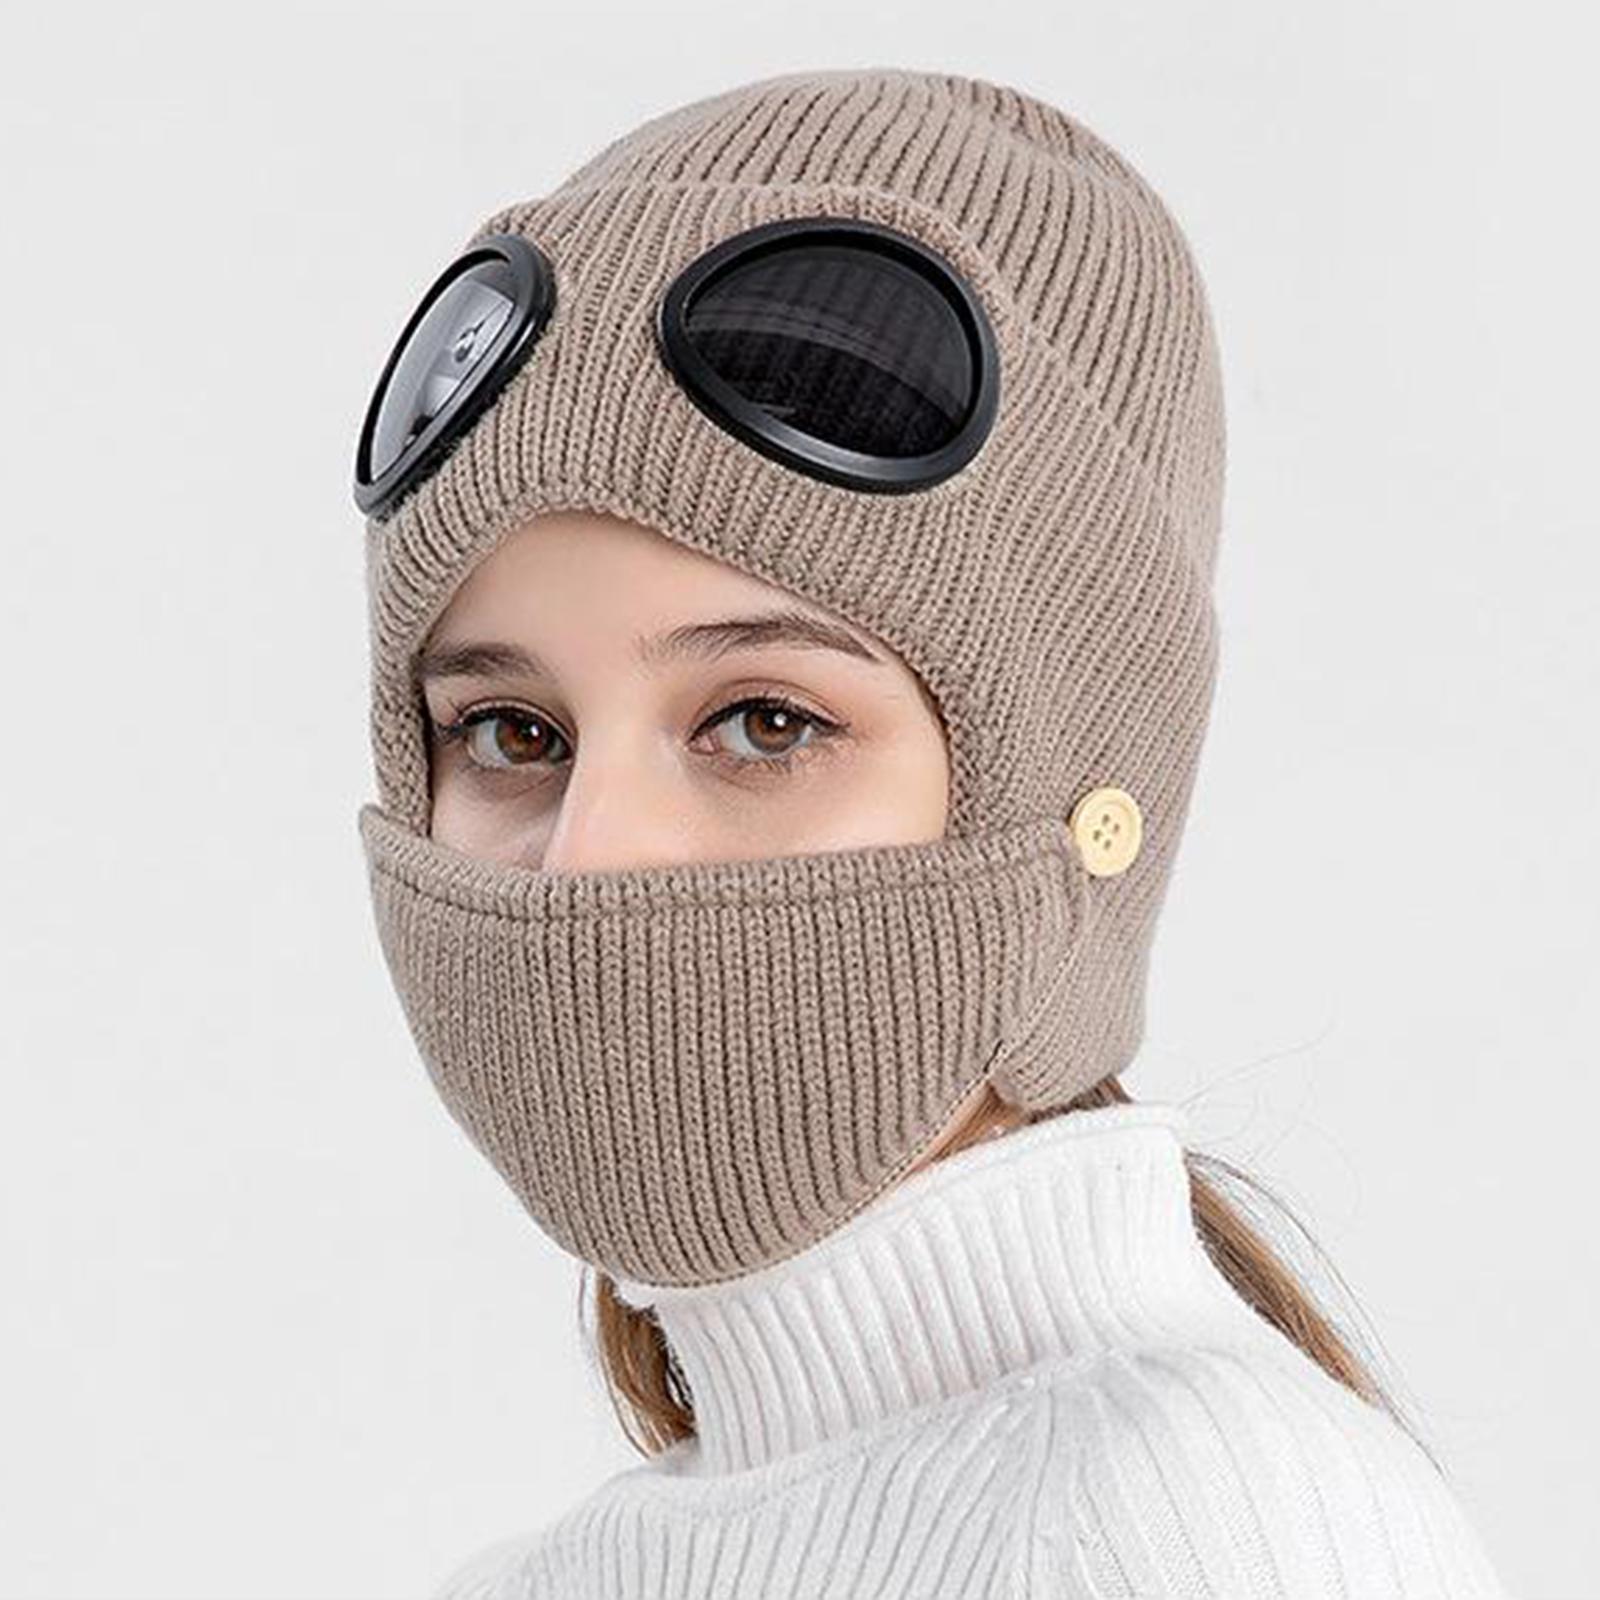 miniature 25 - Masque de tête de visage hiver bonnet chaud avec lunettes casquette d'oreille